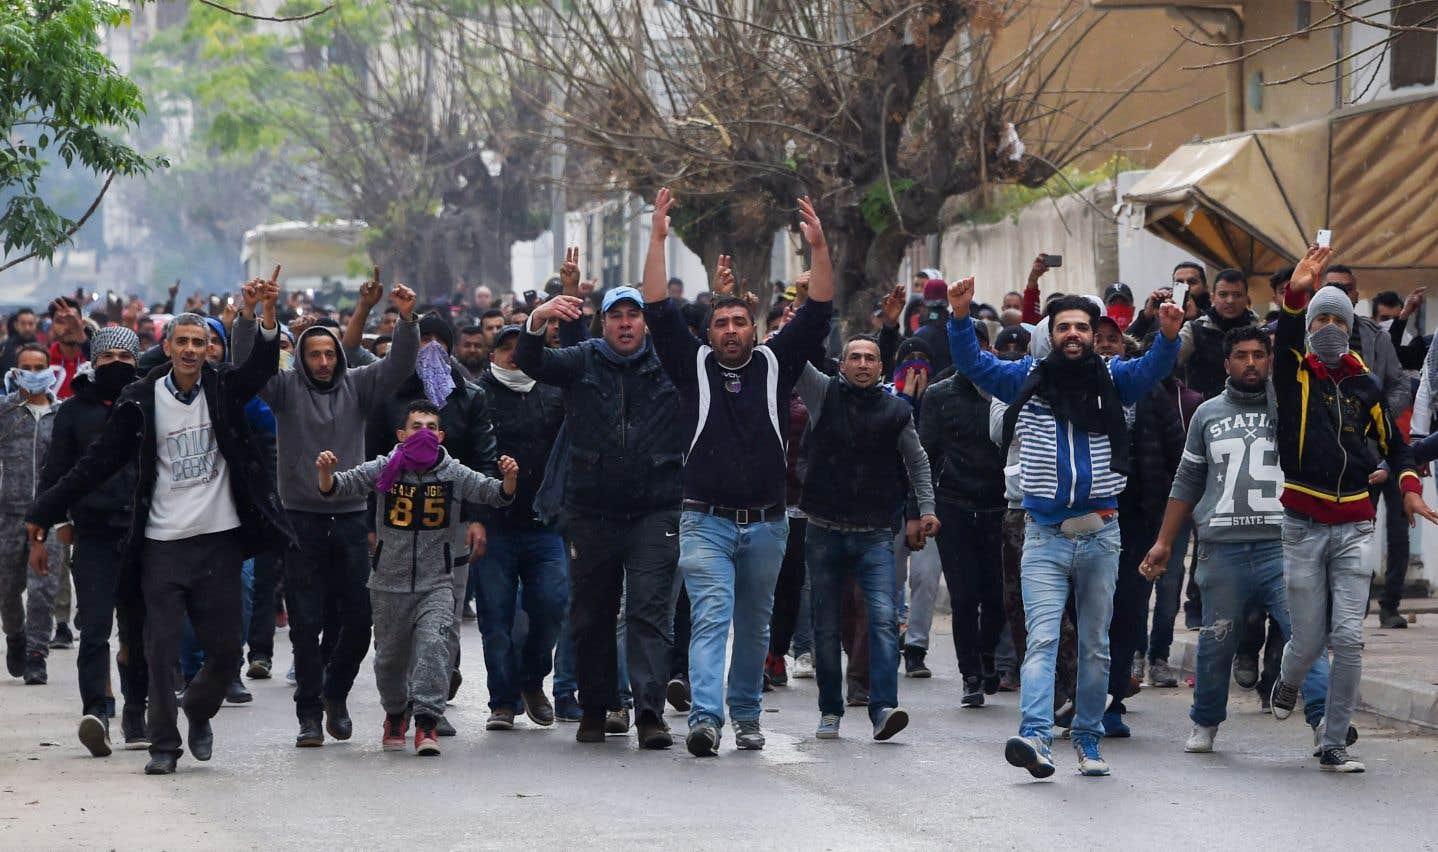 Des jeunes sont descendus dans la rue par centaines à Tebourba, à 30km à l'ouest de Tunis, où des policiers et des militaire ont répliqué à des jets de pierre à coups de gaz lacrymogènes.